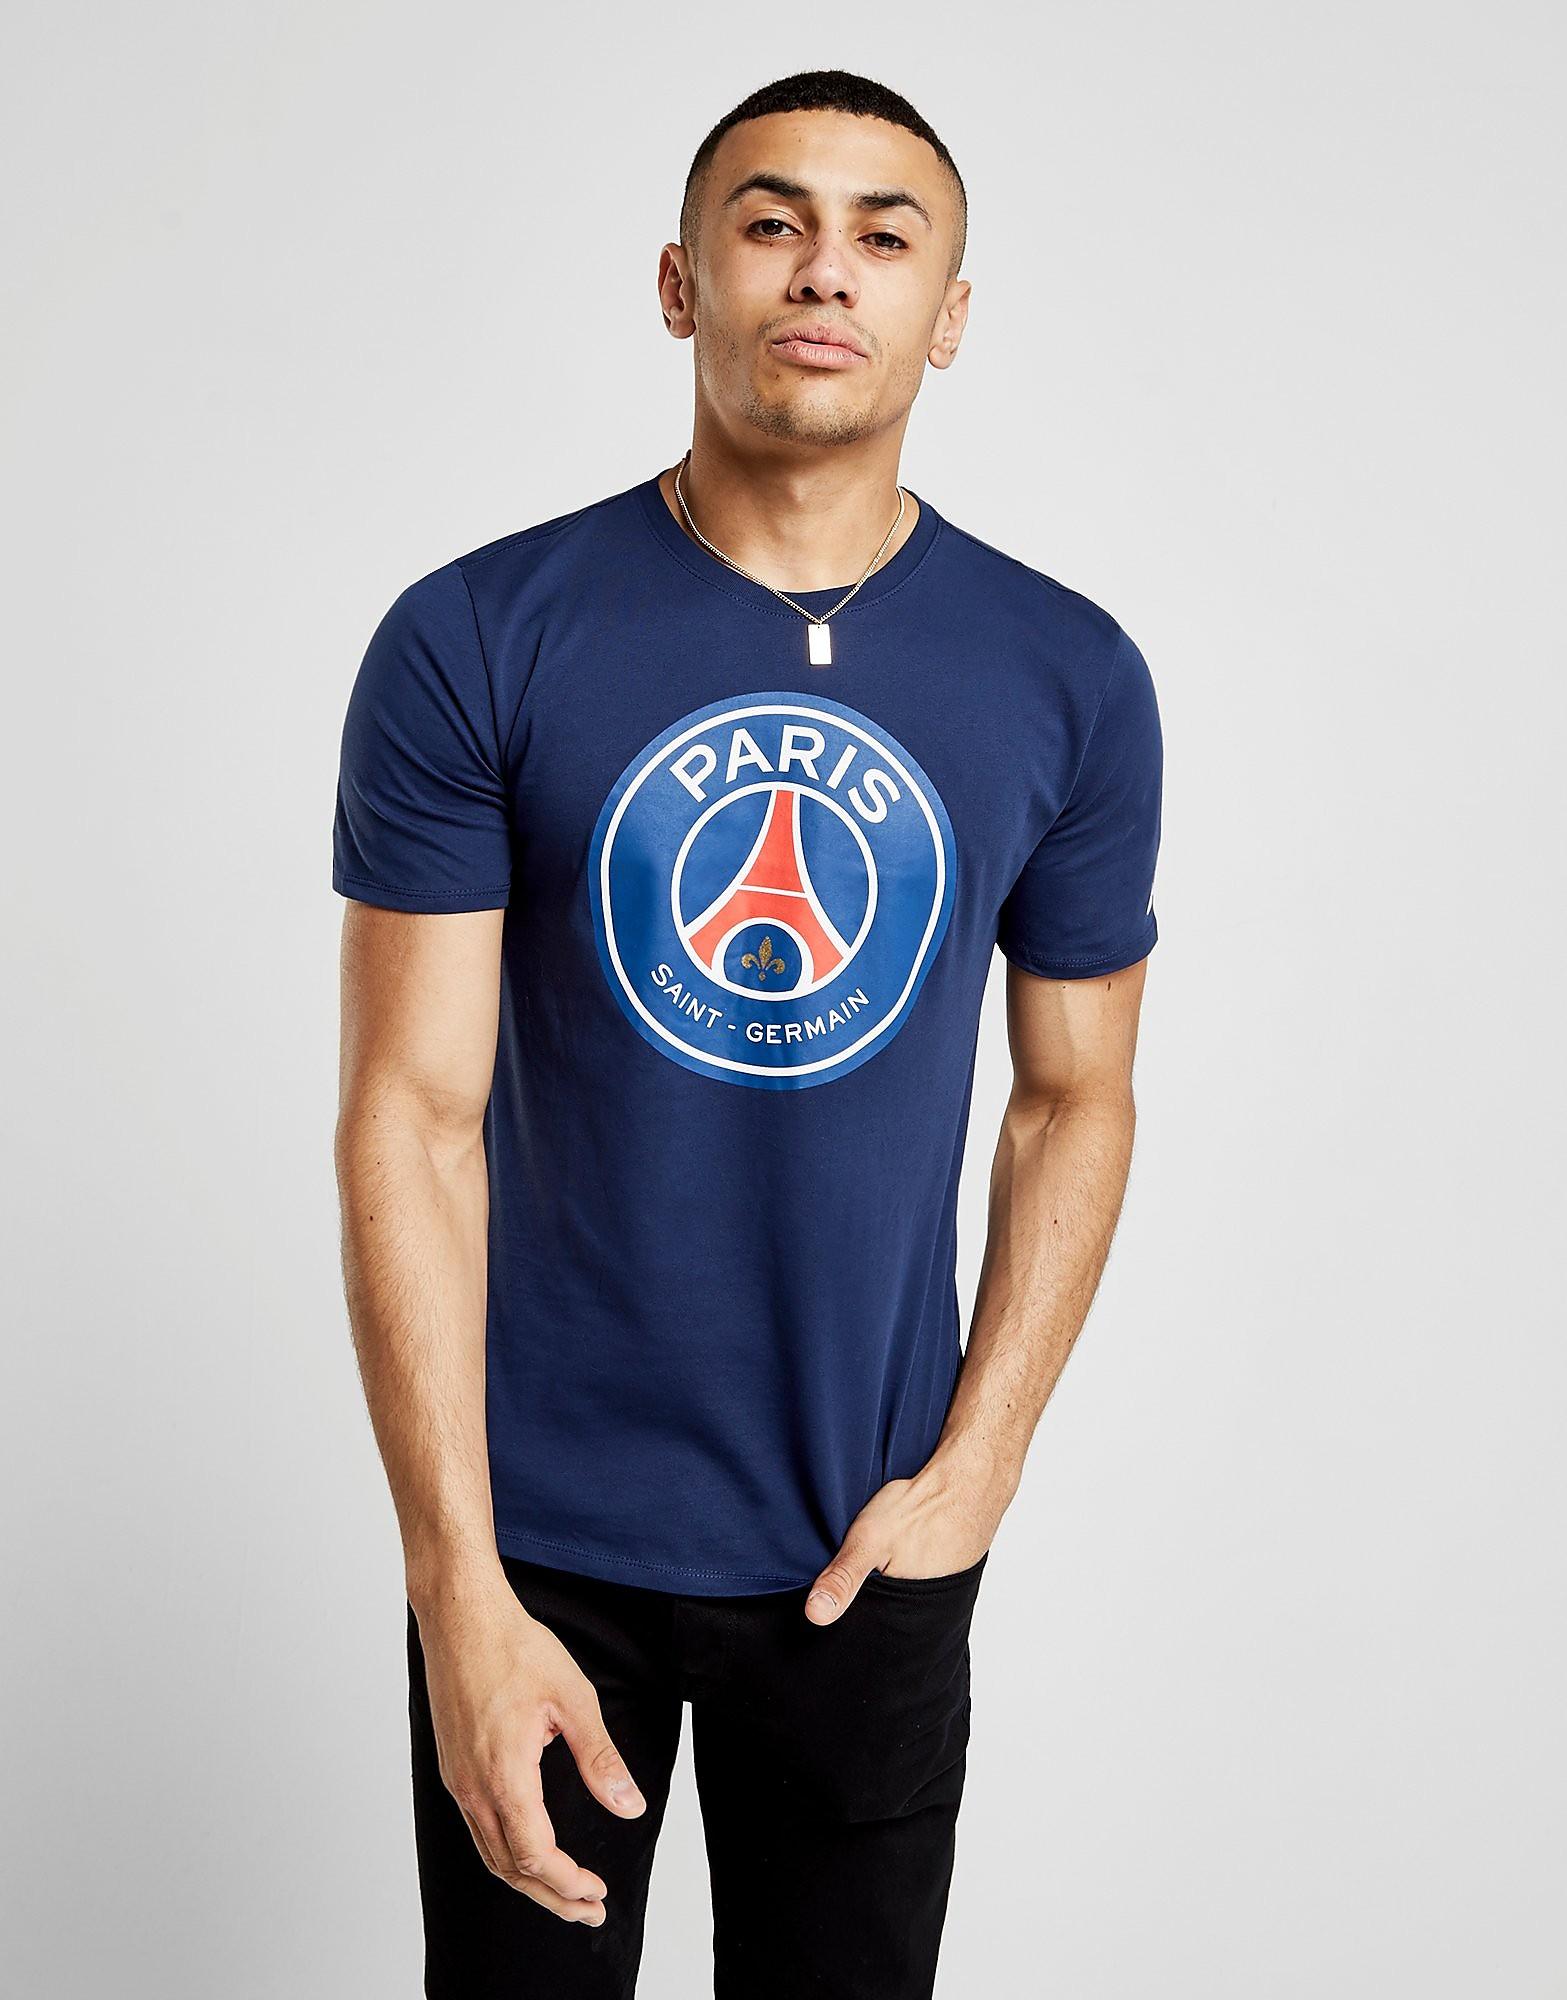 Nike T-shirt Crest Paris Saint Germain 2018/19 Homme